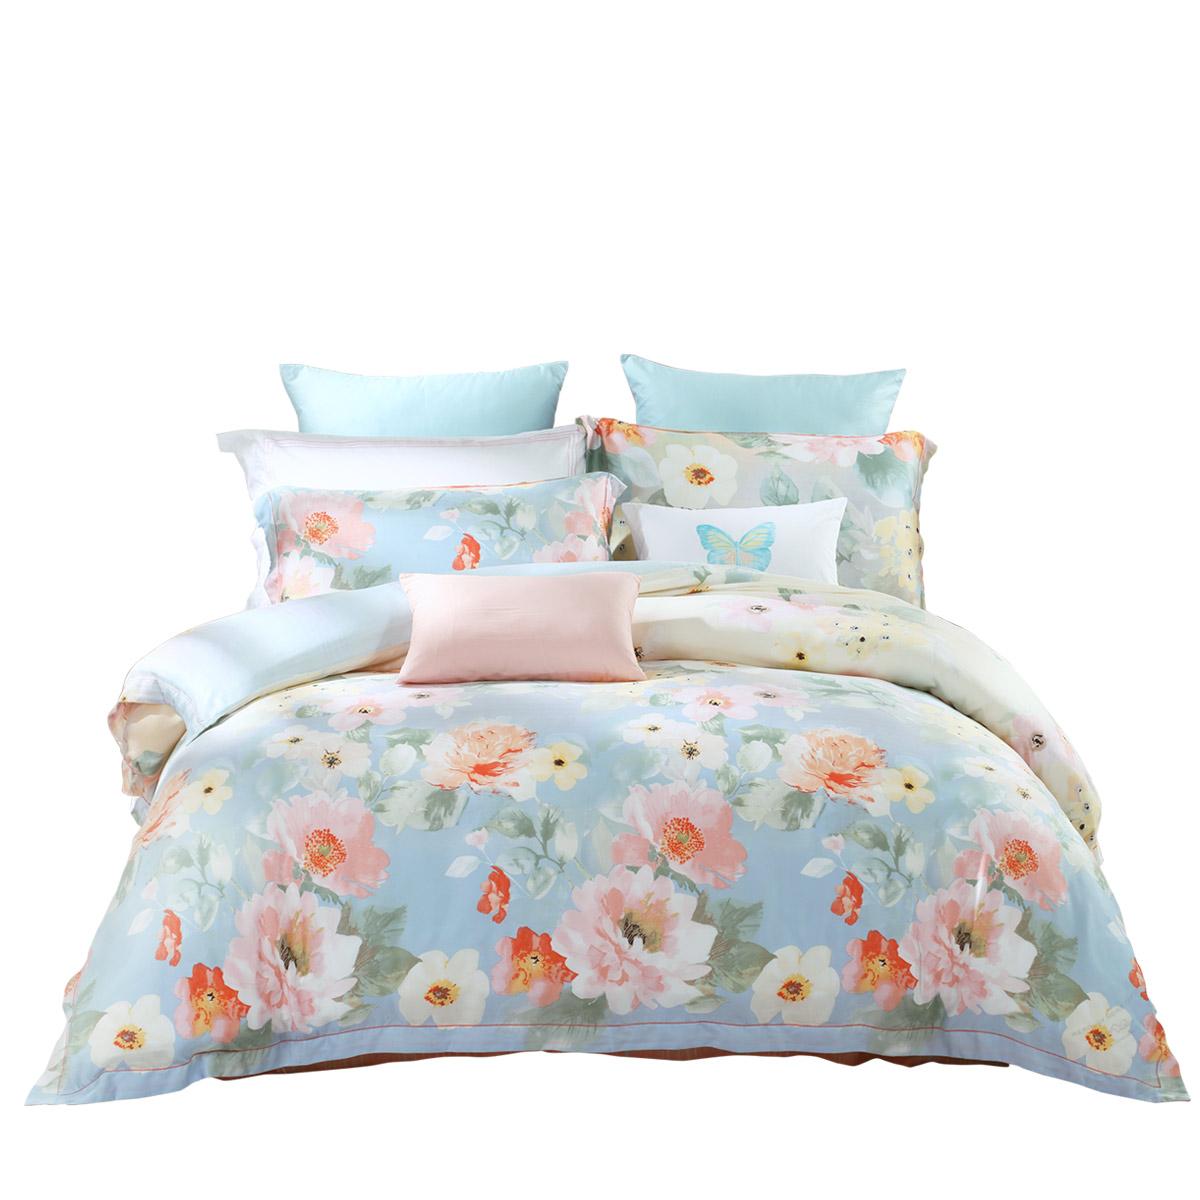 Mercury textile Tencel bedclothes four piece Casey summer garden 1.5m 4 sets of double bed quilt